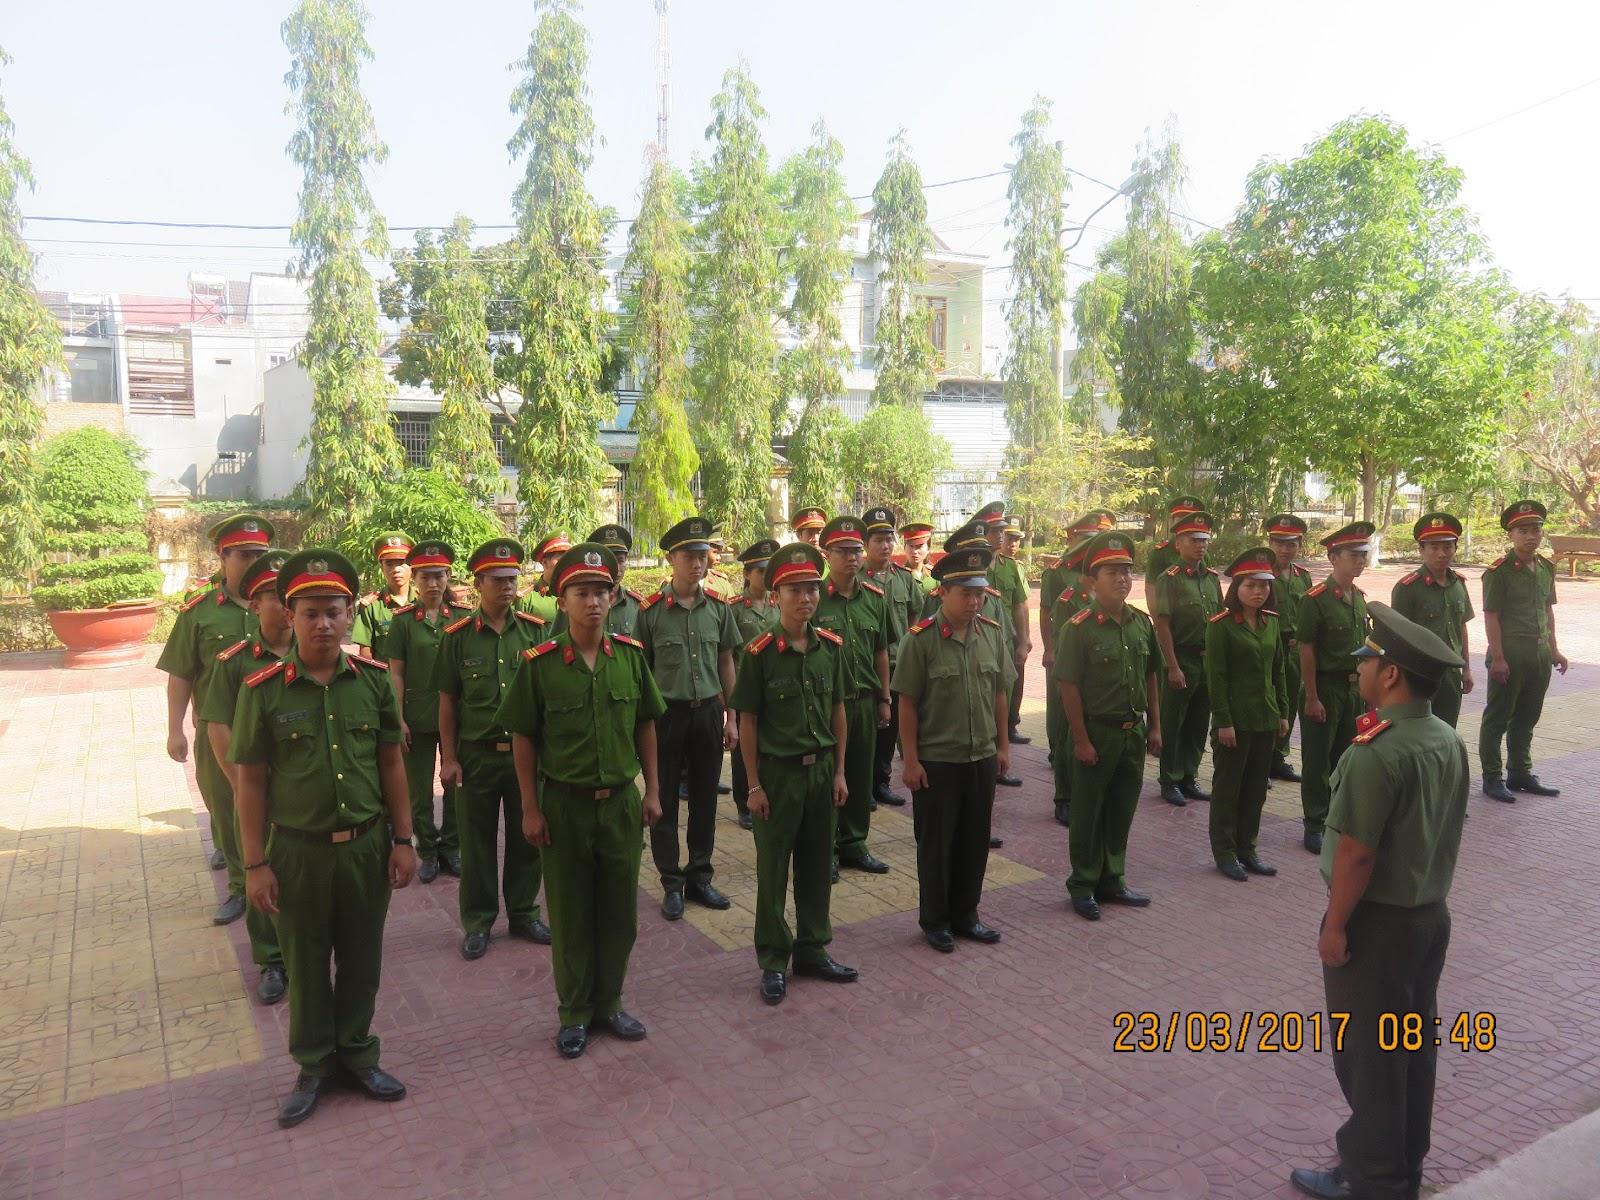 CATP.Kon Tum hoàn thành đợt tập huấn điều lệnh và huấn luyện quân sự, võ thuật CAND năm 2017